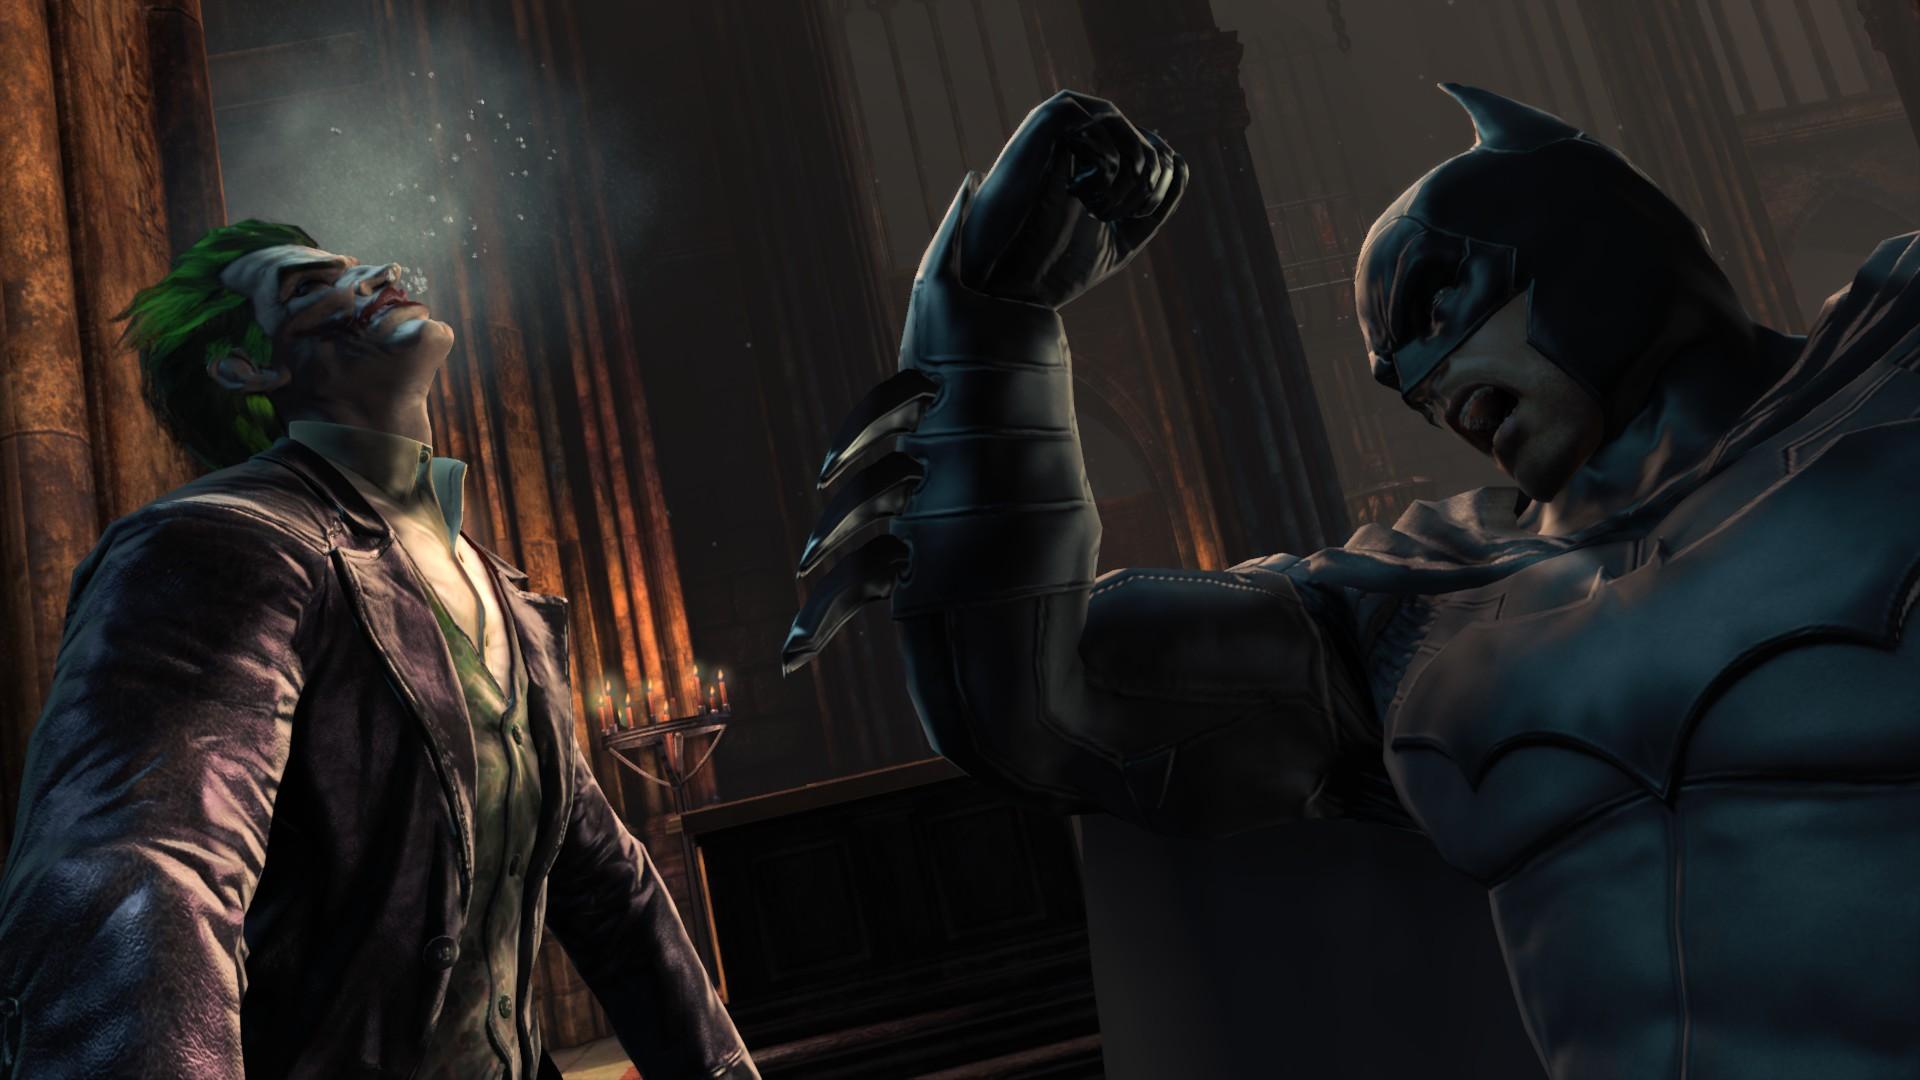 Batman Joker 2 - Batman: Arkham Origins